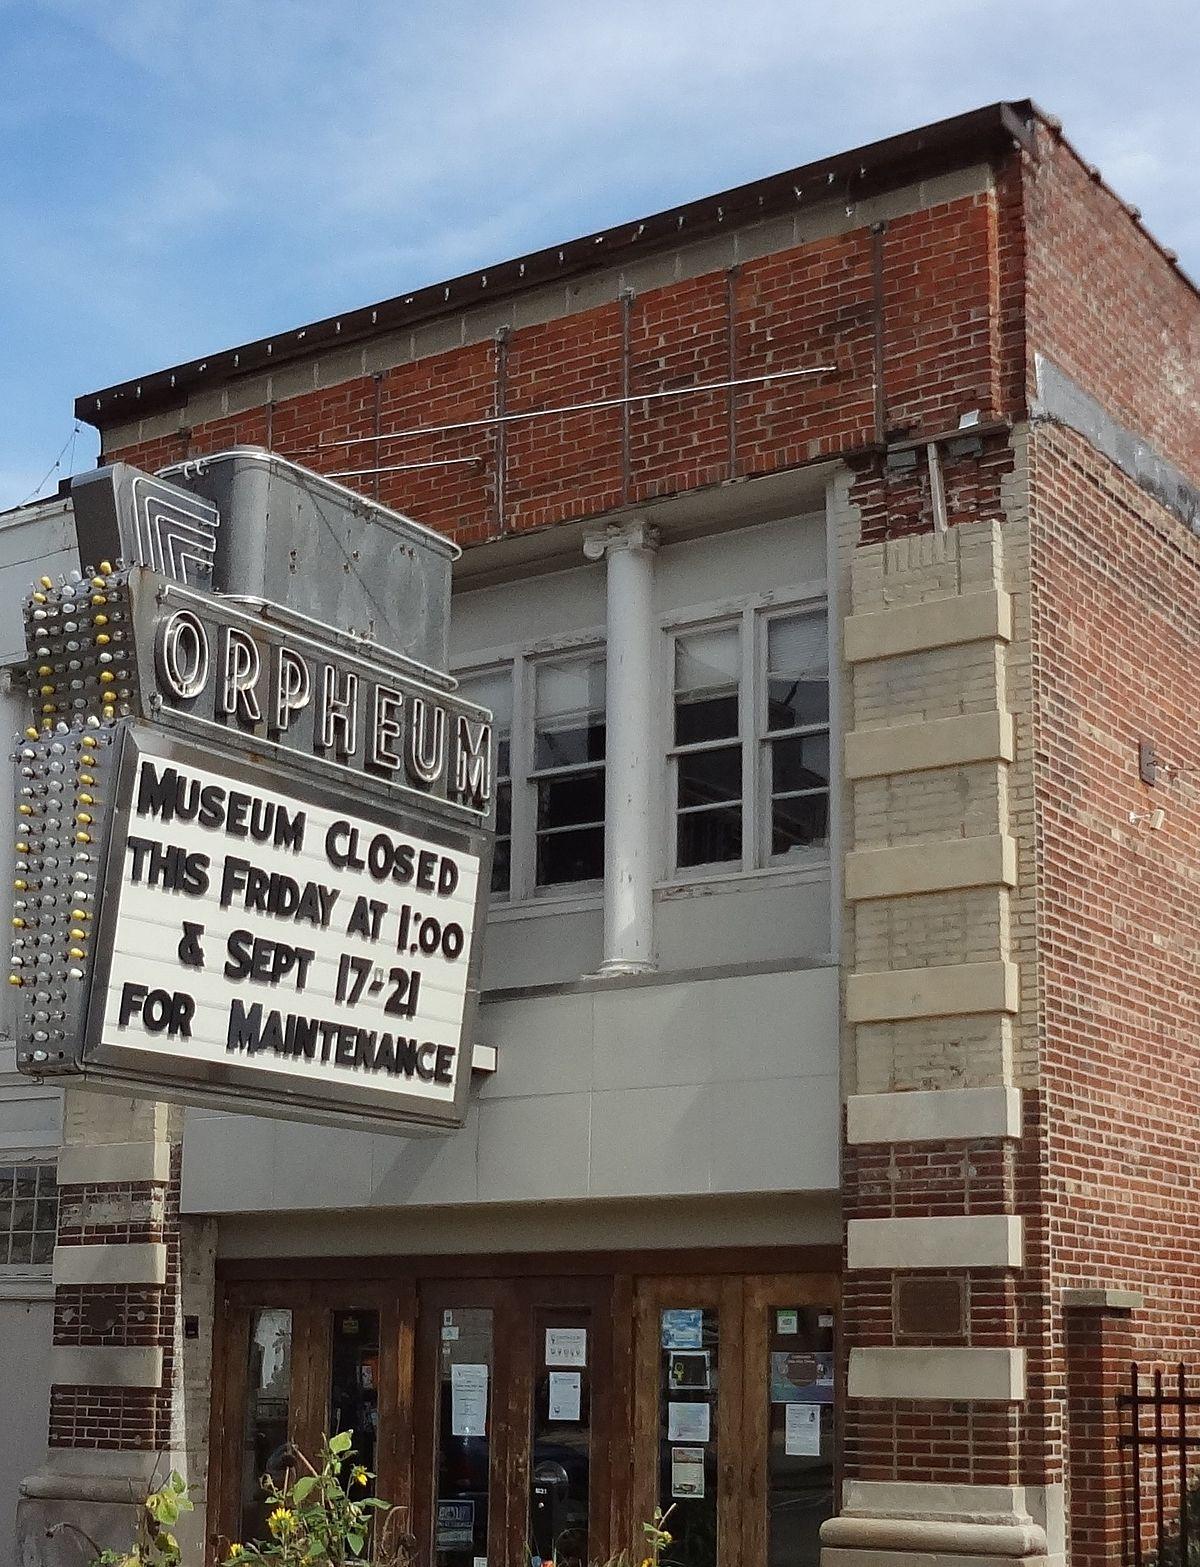 Orpheum Theatre (Champaign, Illinois) - Wikipedia